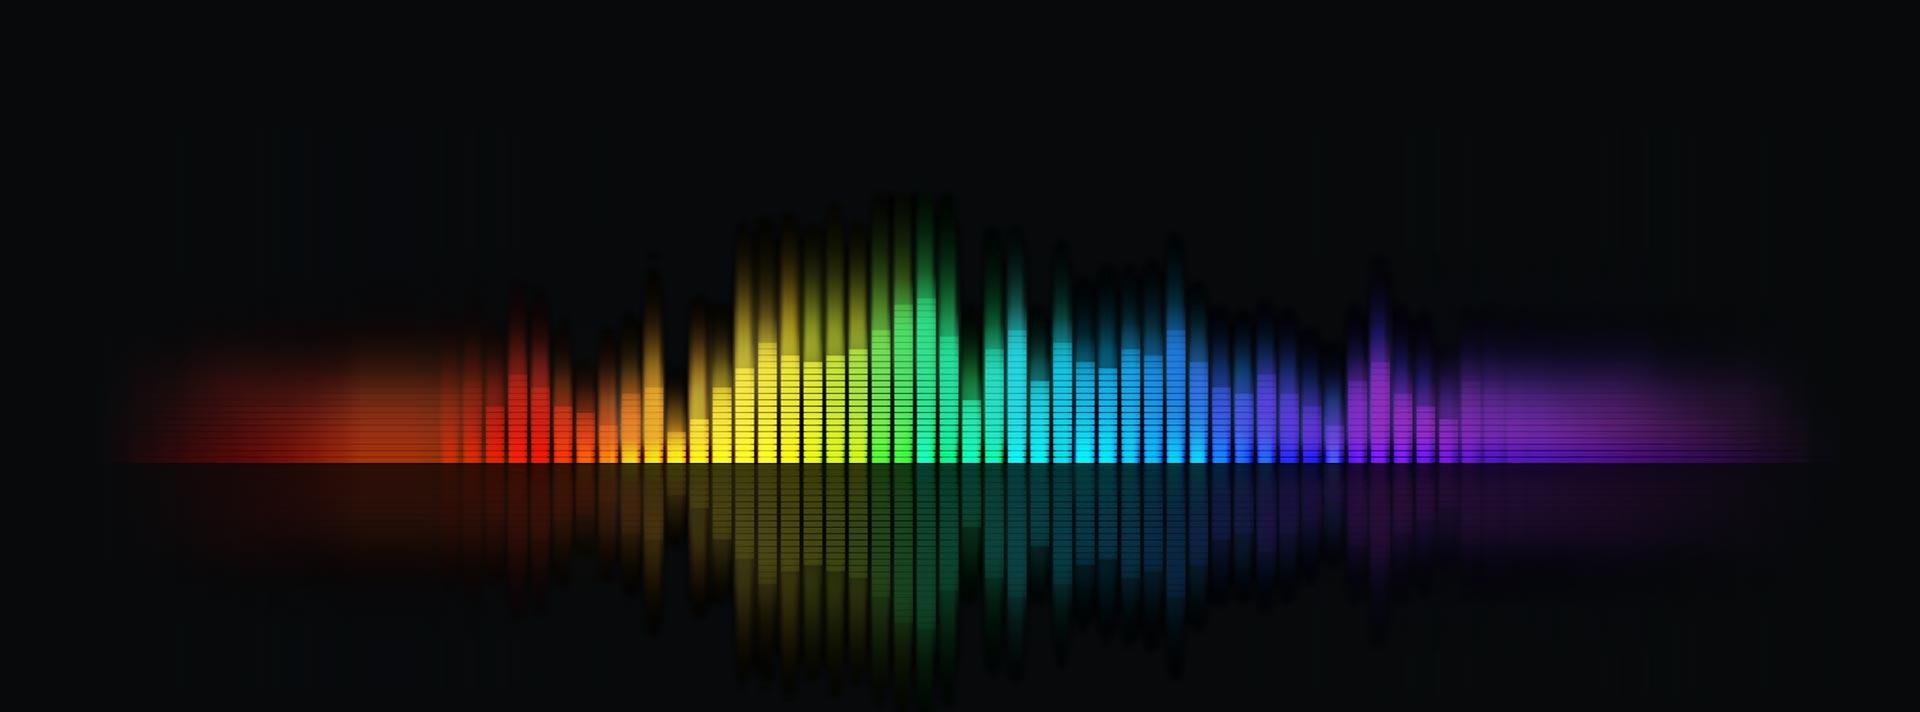 music-equalizer-bg - Cole AV